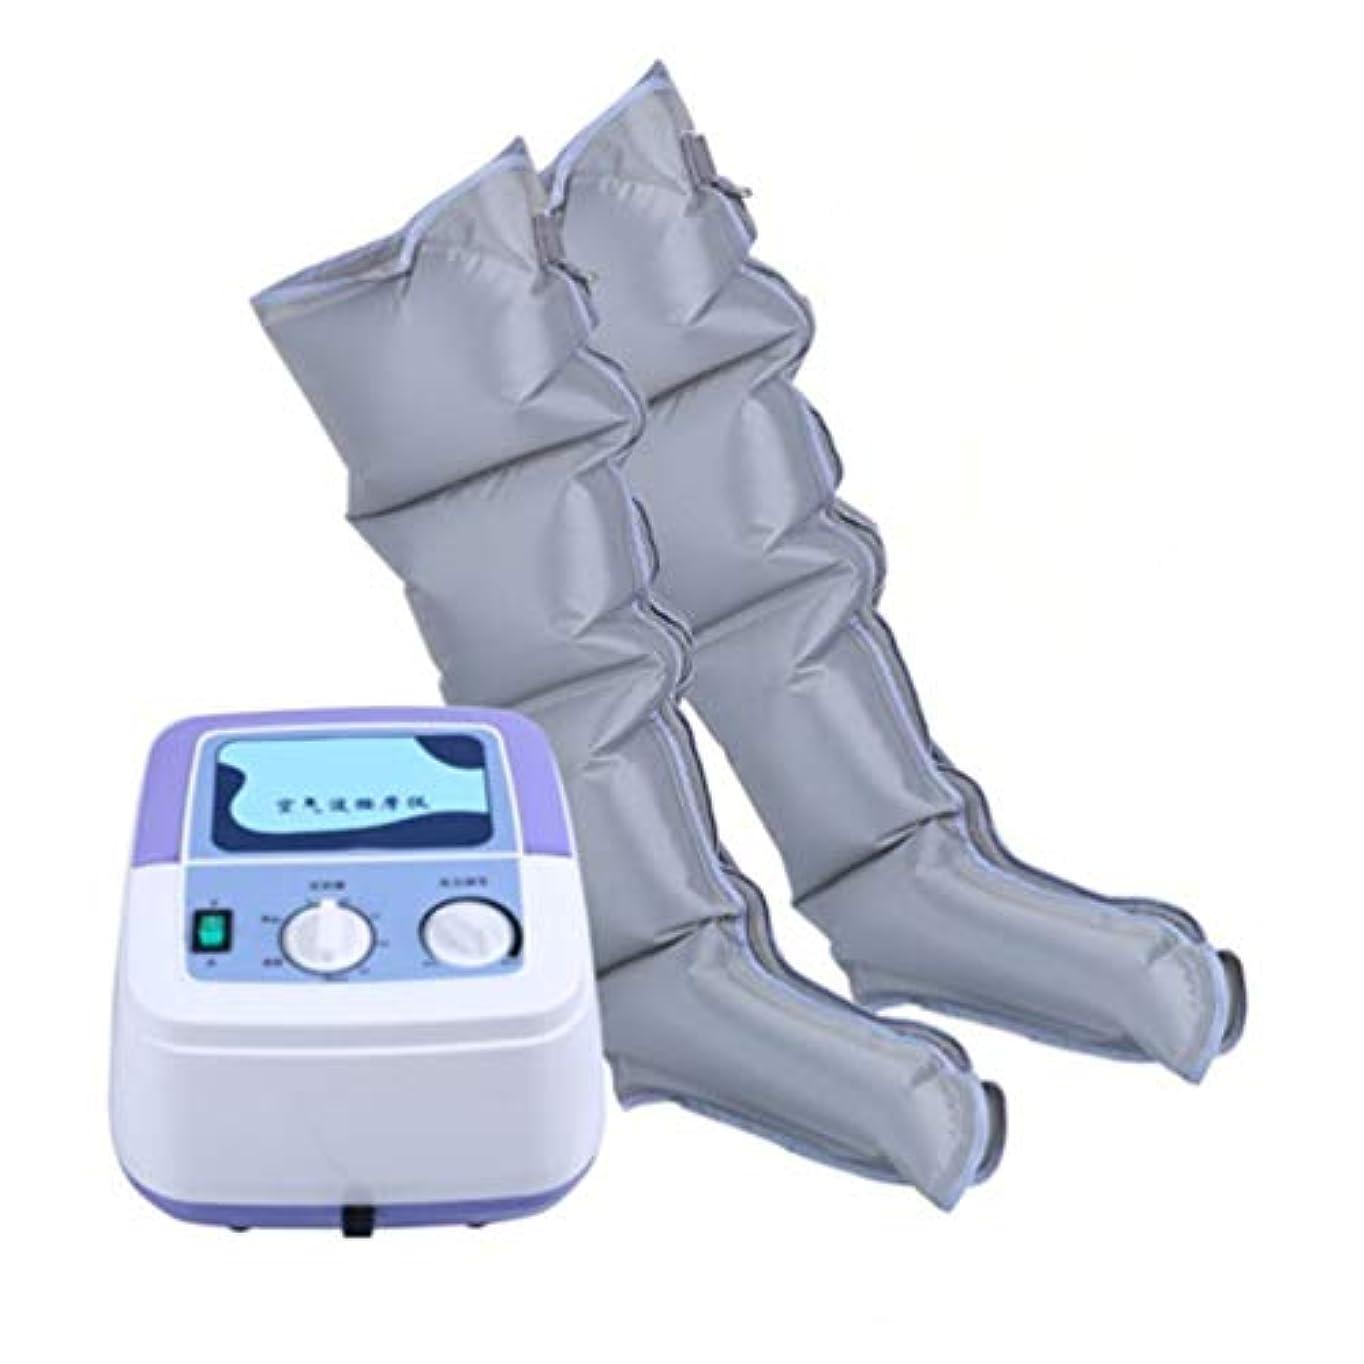 レモンダーベビルのテス縁石足および足の筋肉の循環のマッサージ療法のための空気圧縮の足のマッサージャーは腫れおよび浮腫の苦痛を助けます